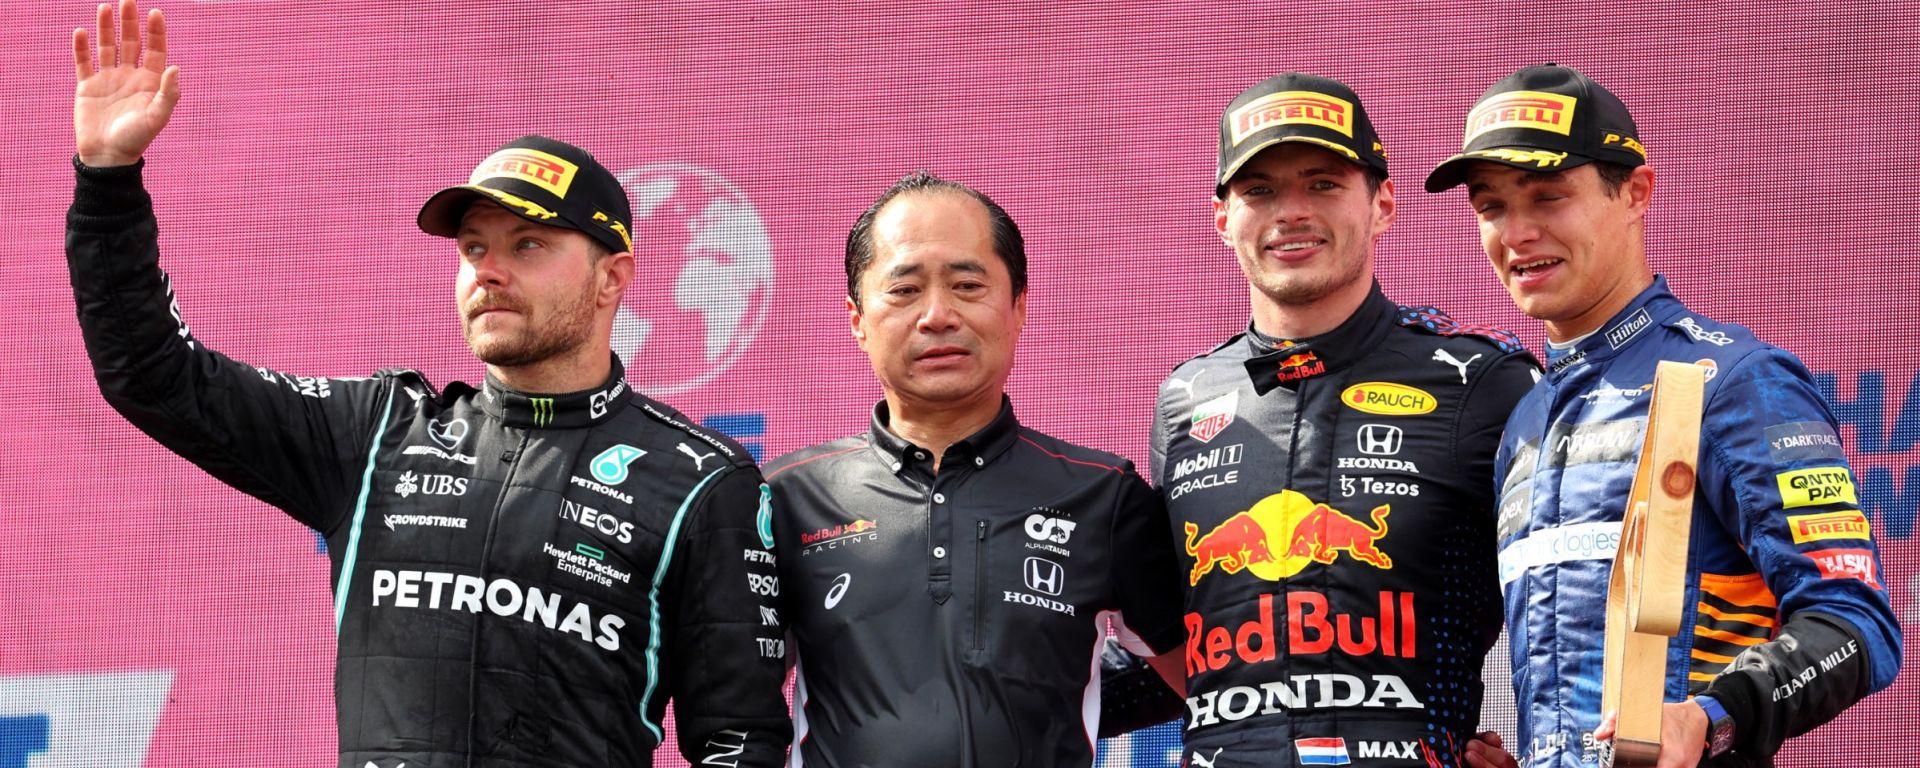 F1, GP Austria 2021: il podio con Valtteri Bottas, Max Verstappen e Lando Norris